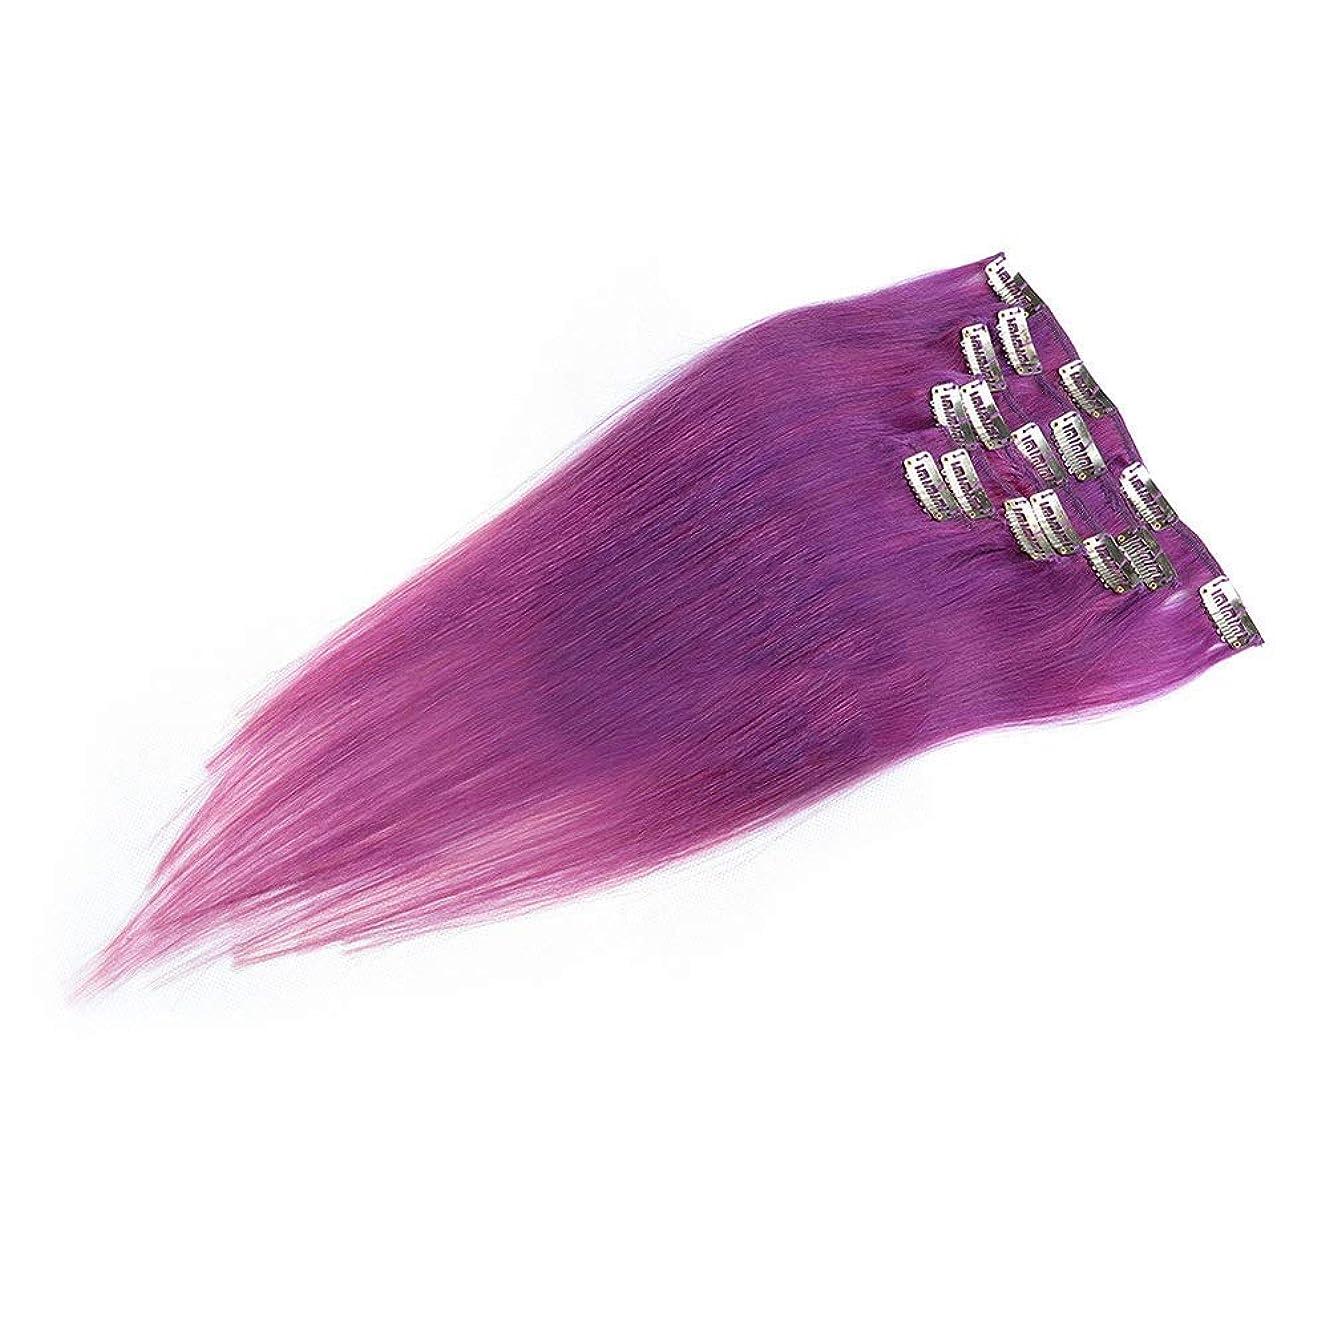 職人全体同意するBOBIDYEE 本物の髪の拡張子で女性の紫色のストレートクリップ20インチフルヘッド7個ウィッグパーティーウィッグ (Color : PHOTO COLOR)